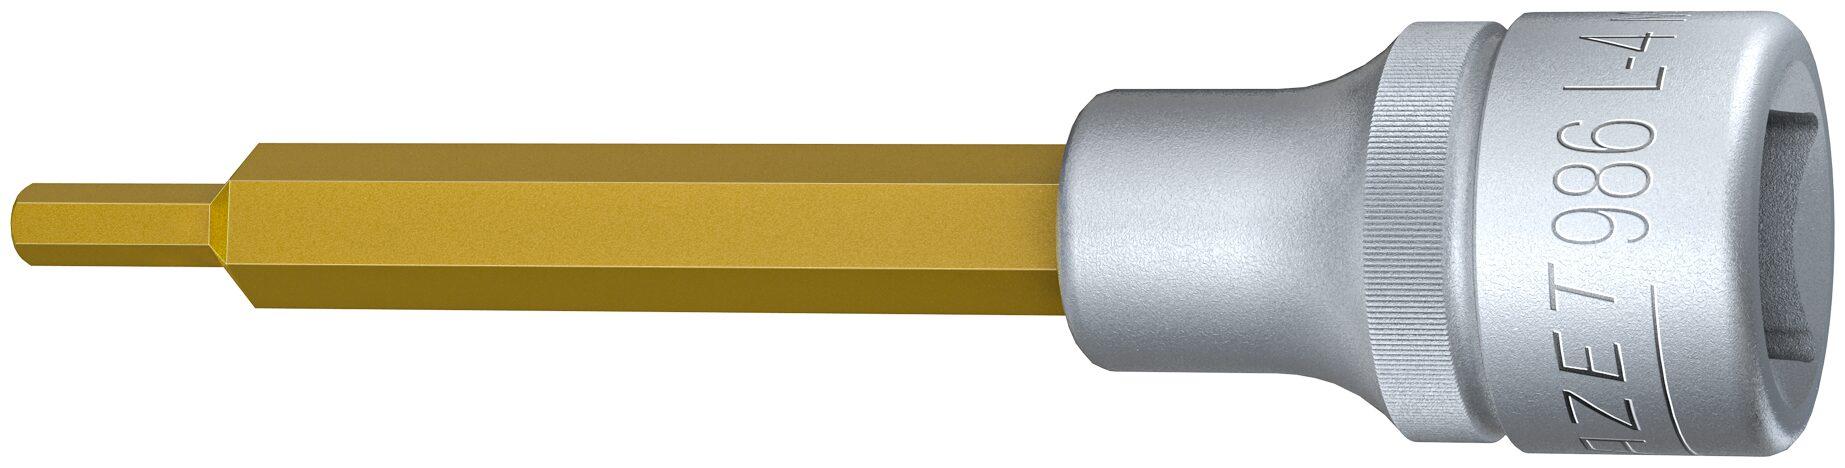 HAZET Schraubendreher-Steckschlüsseleinsatz 986L-4 ∙ Vierkant hohl 12,5 mm (1/2 Zoll) ∙ Innen-Sechskant Profil ∙ 4 mm